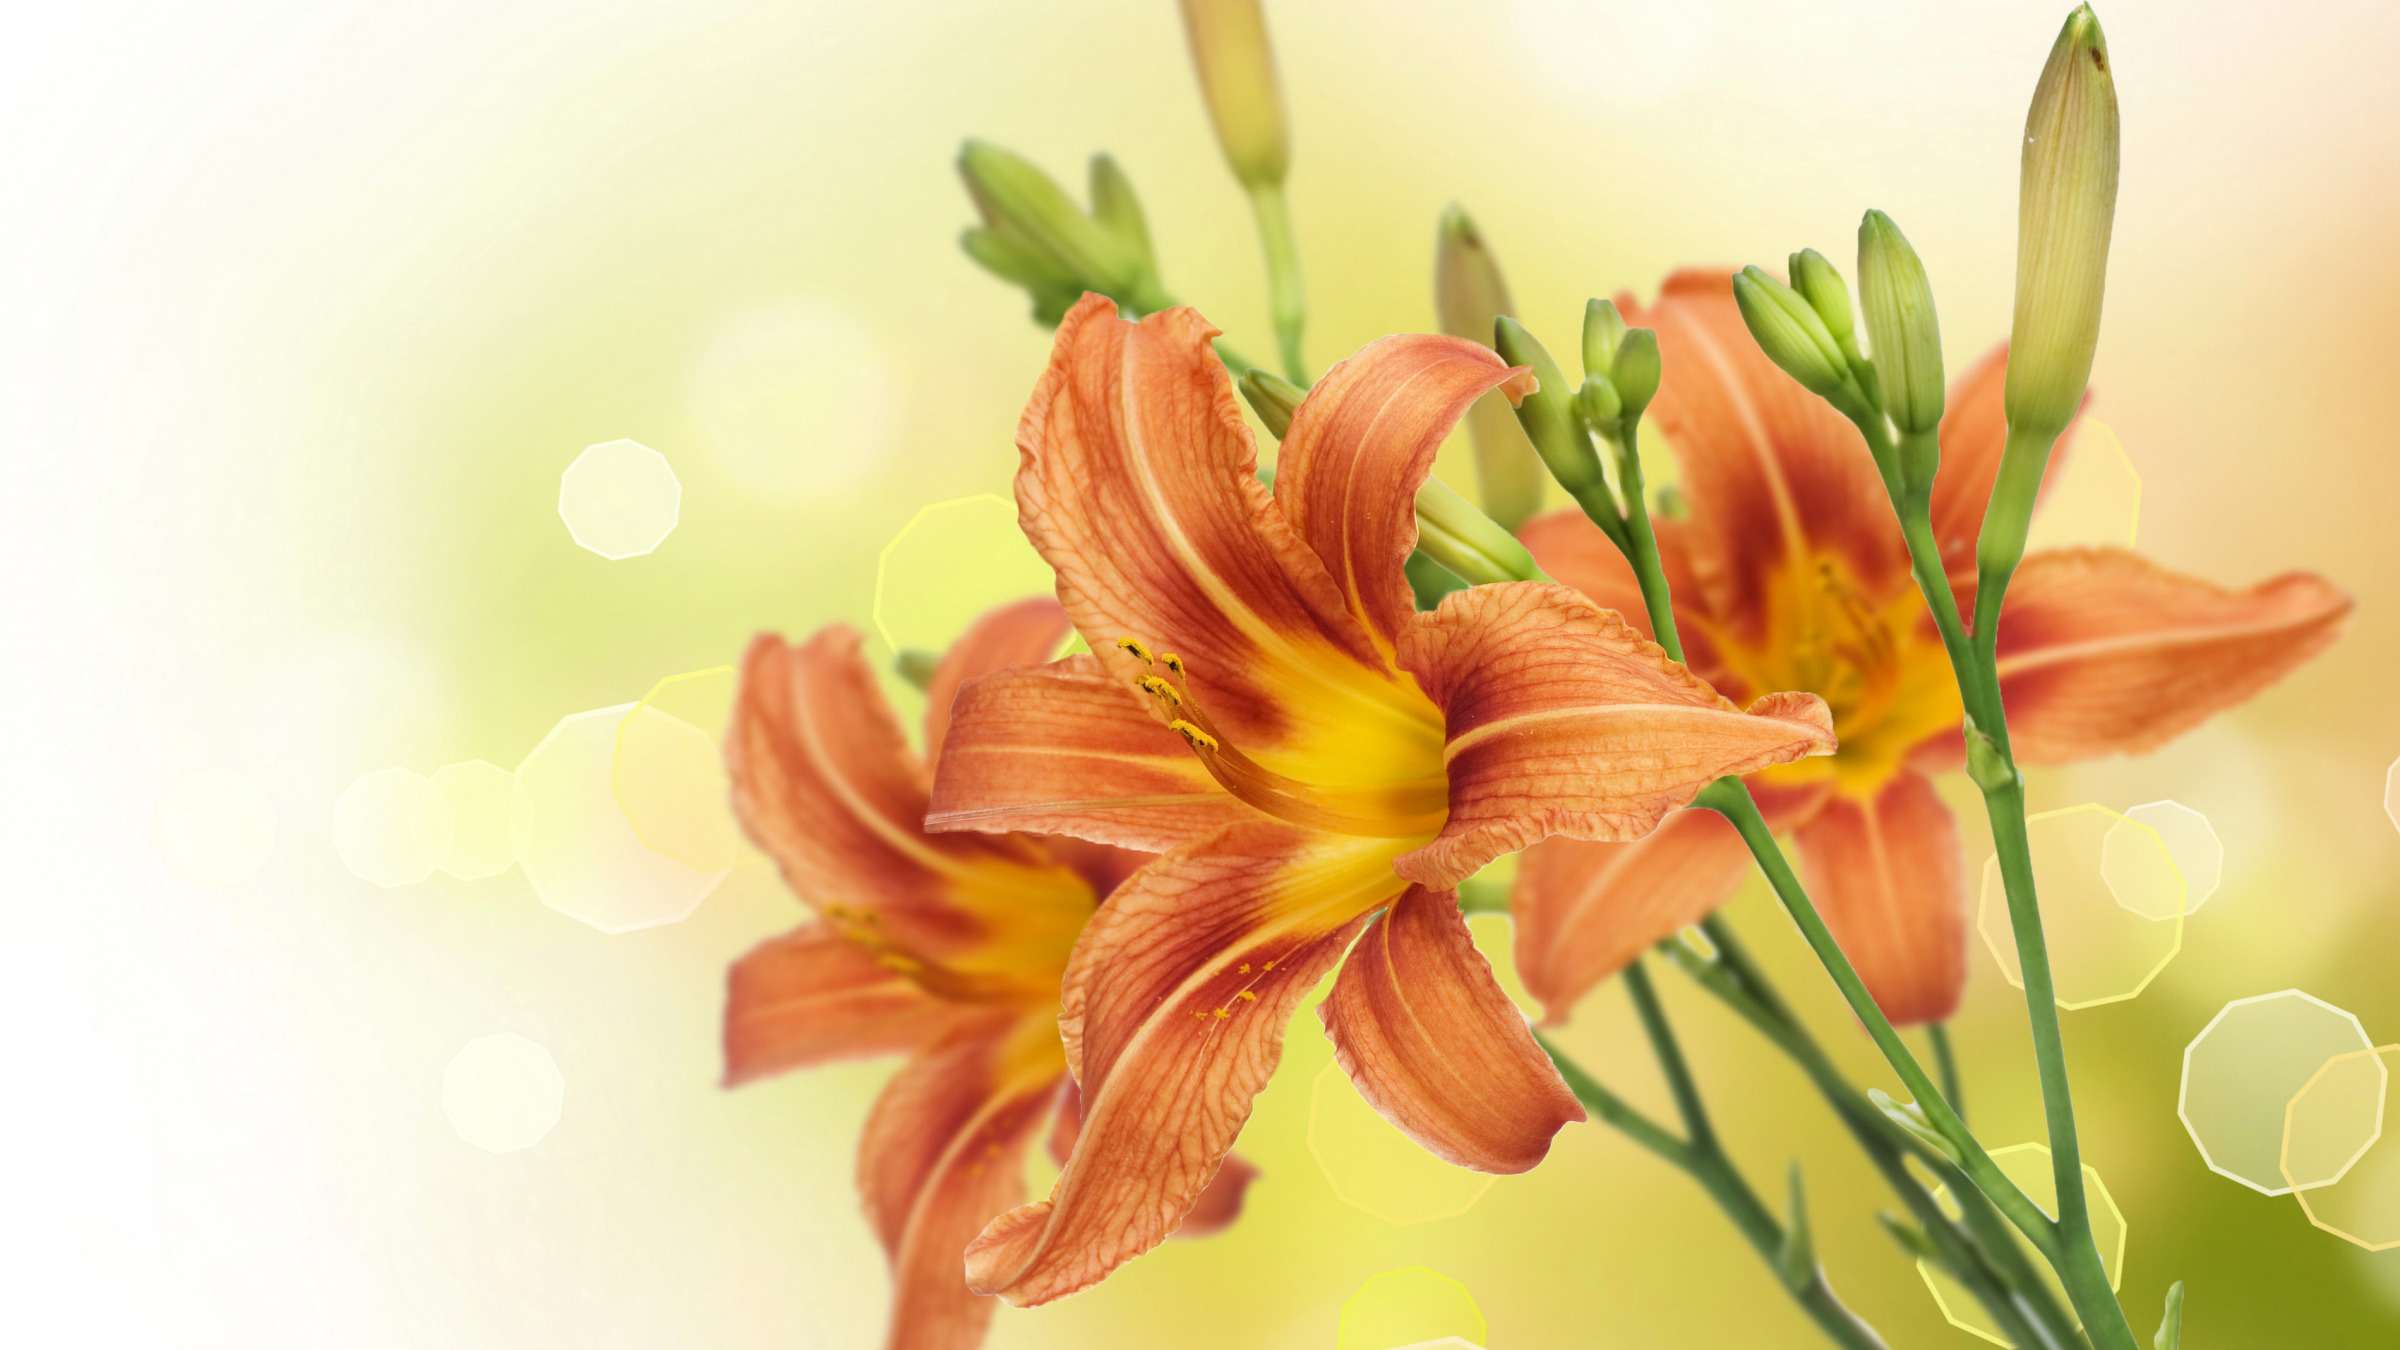 Открытки музыкой, картинки с днем учителя с цветами лилии